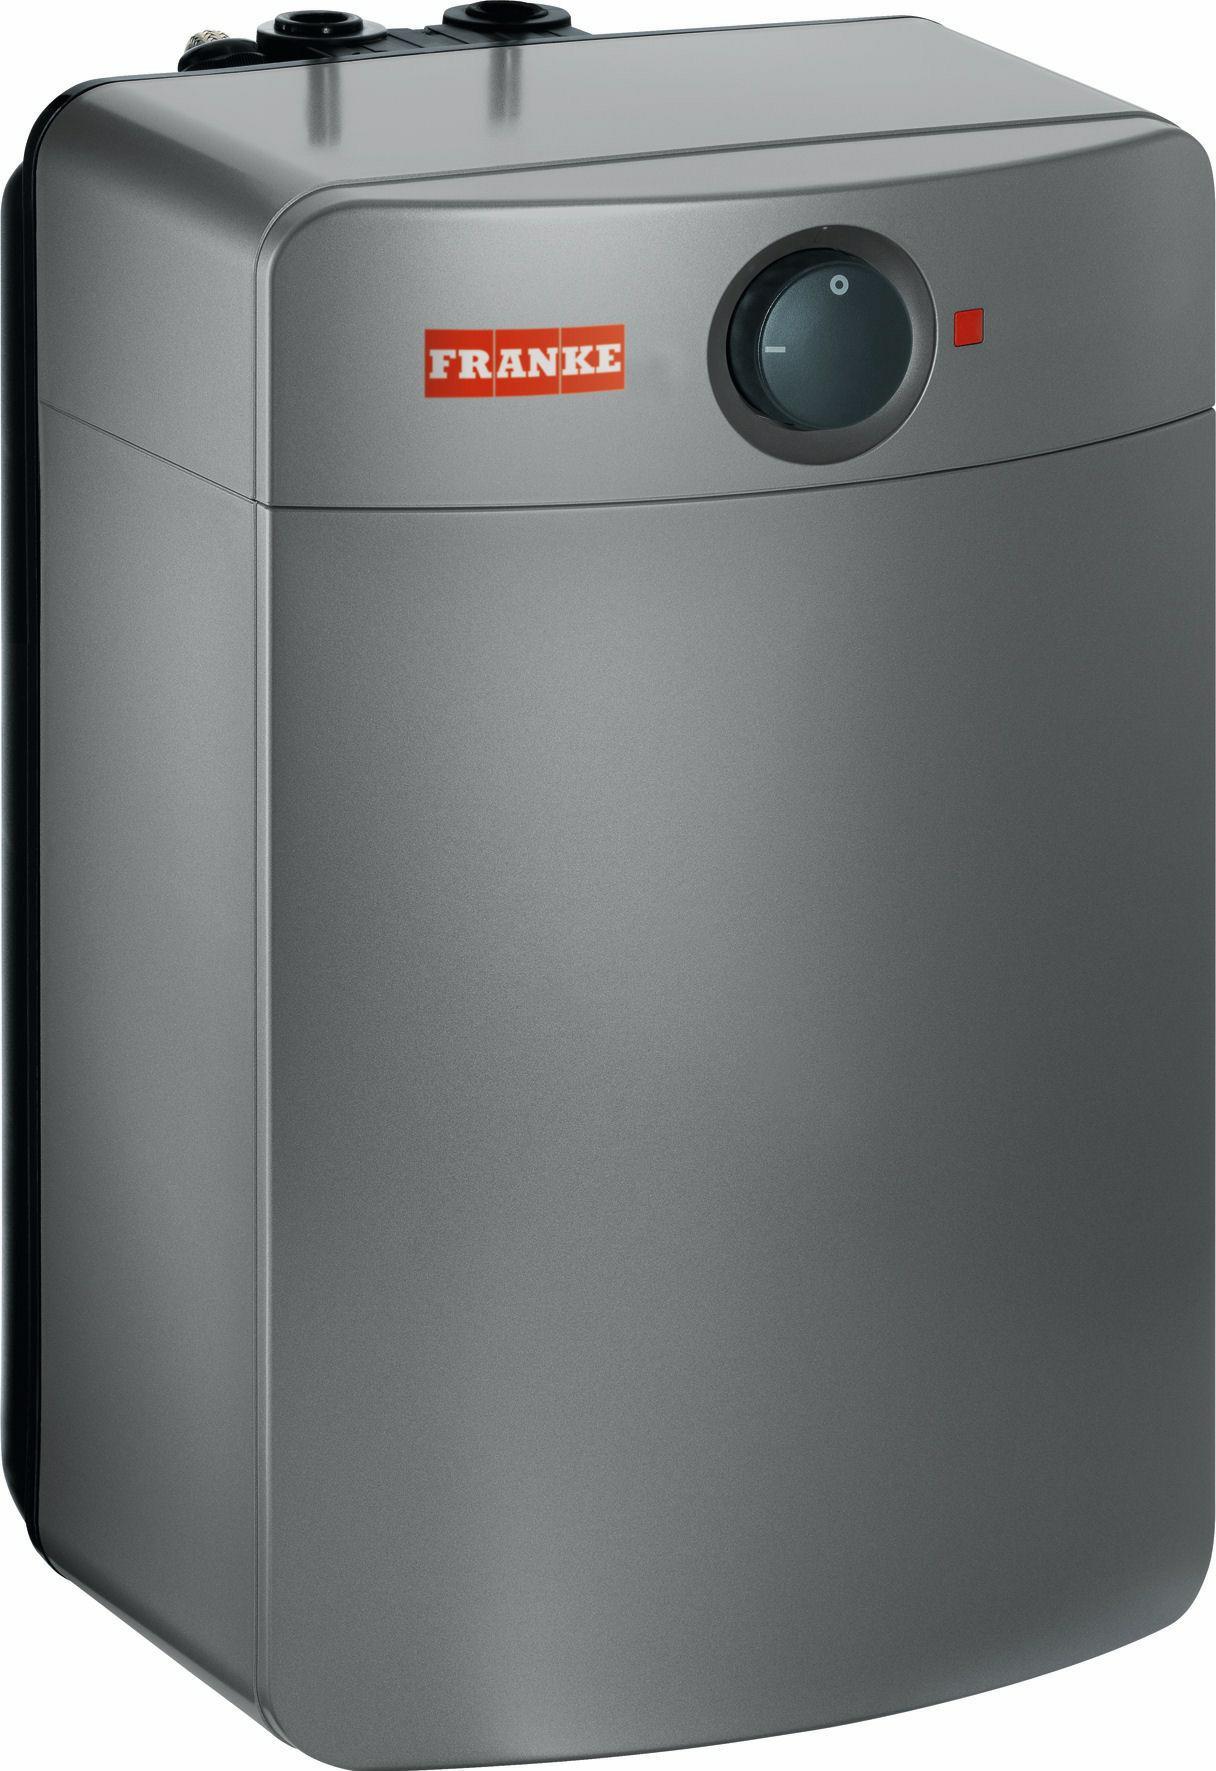 boiler Franke Toebehoren 302210 boiler